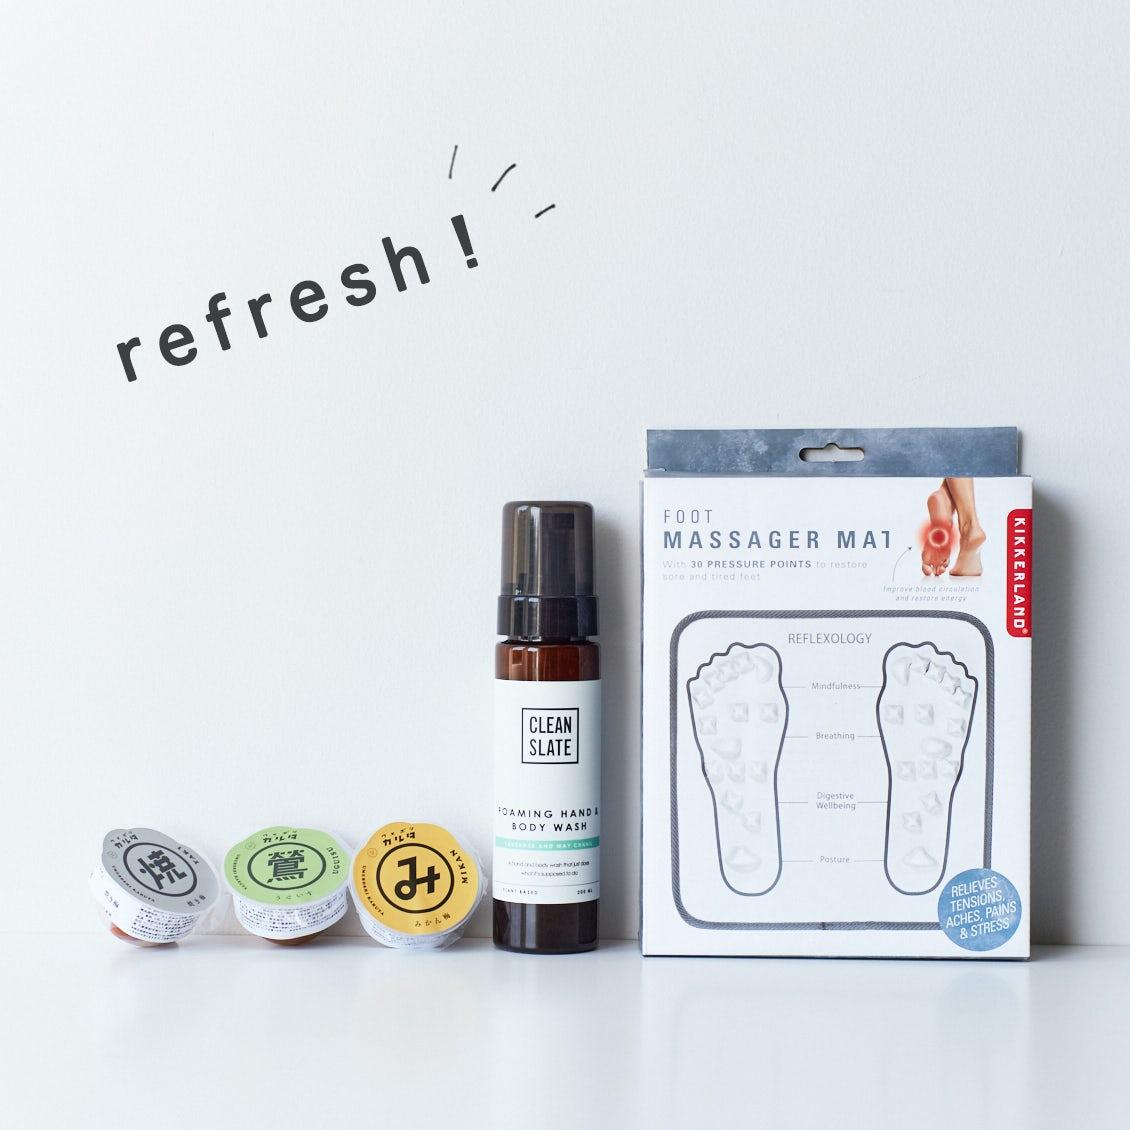 【ときめく手みやげ】癒しと刺激でリフレッシュ!すっきり気分転換できるアイテム3選